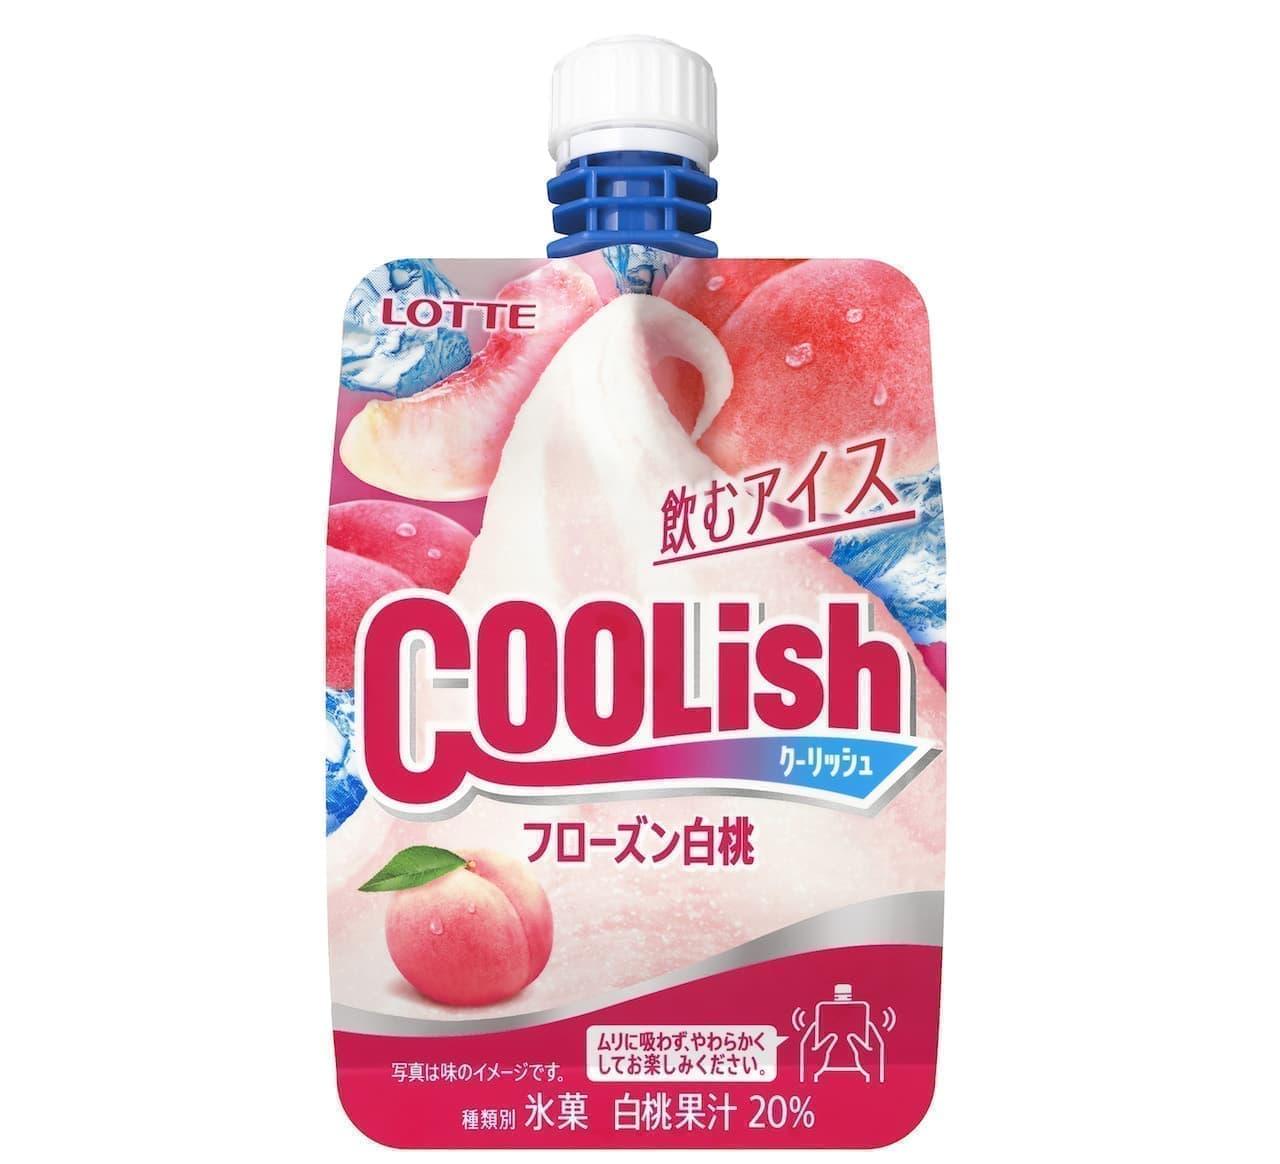 冷たい白桃の飲む気分!?「クーリッシュ フローズン白桃」